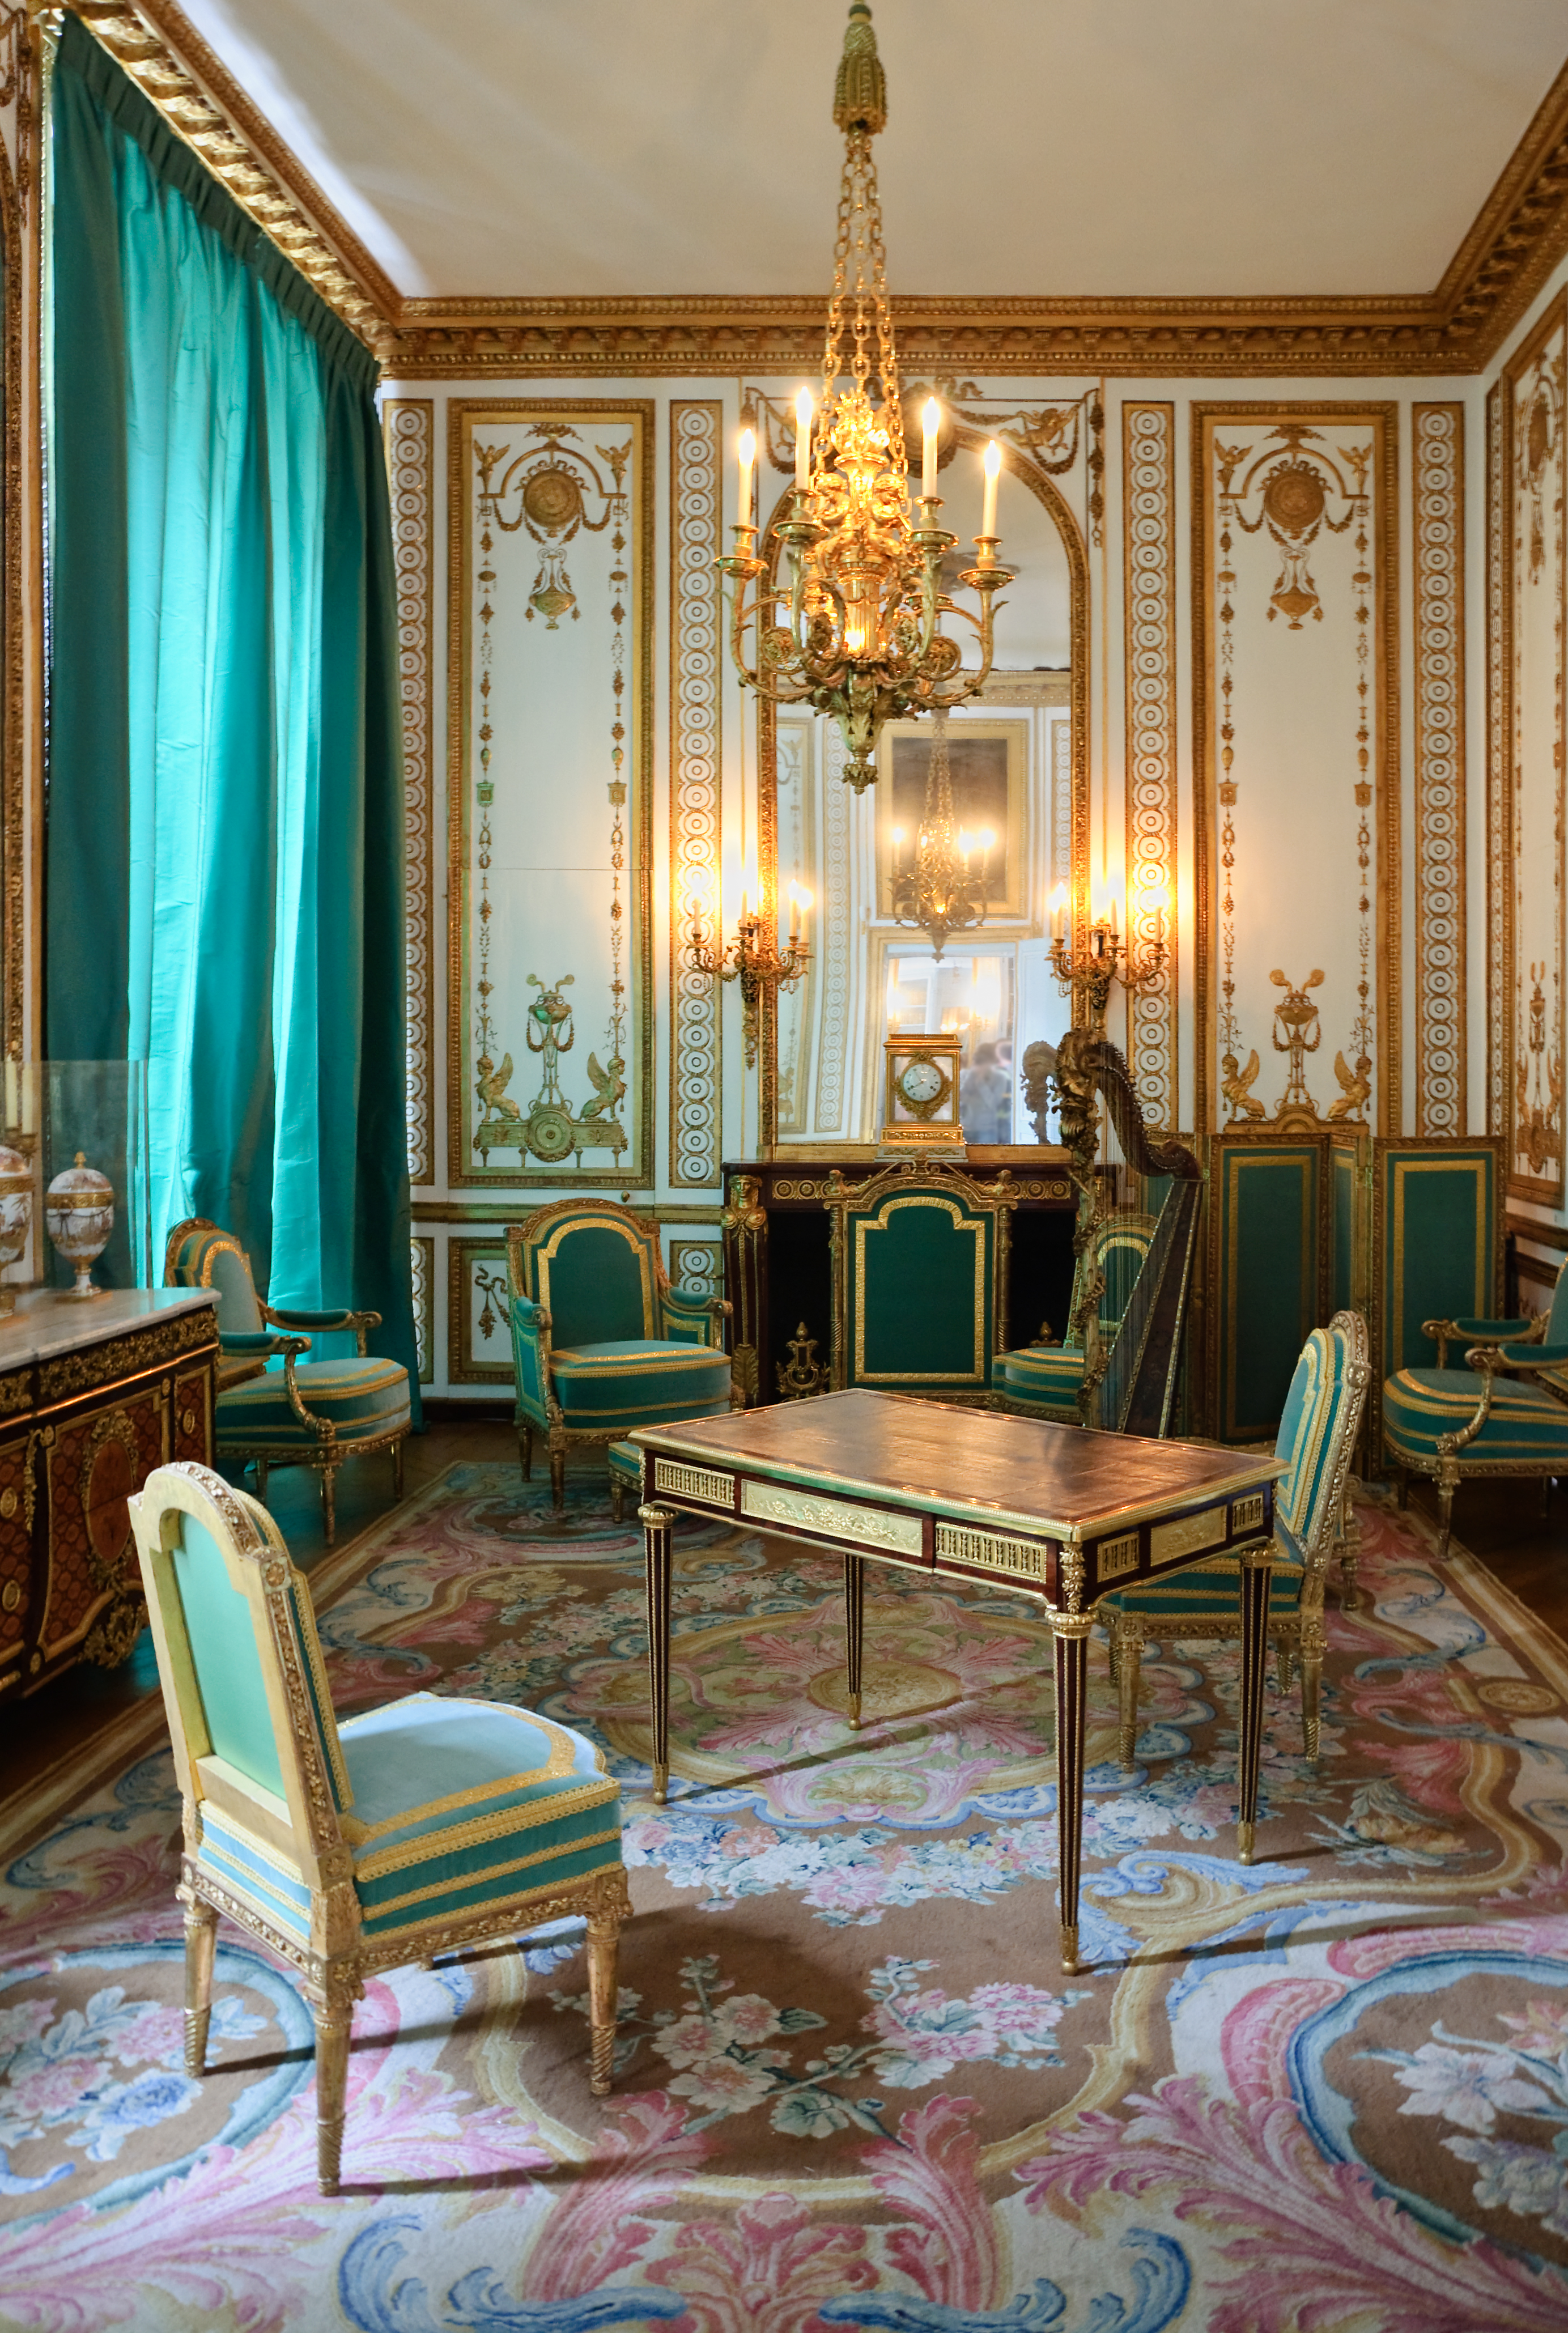 Stile Luigi XVI - Wikipedia